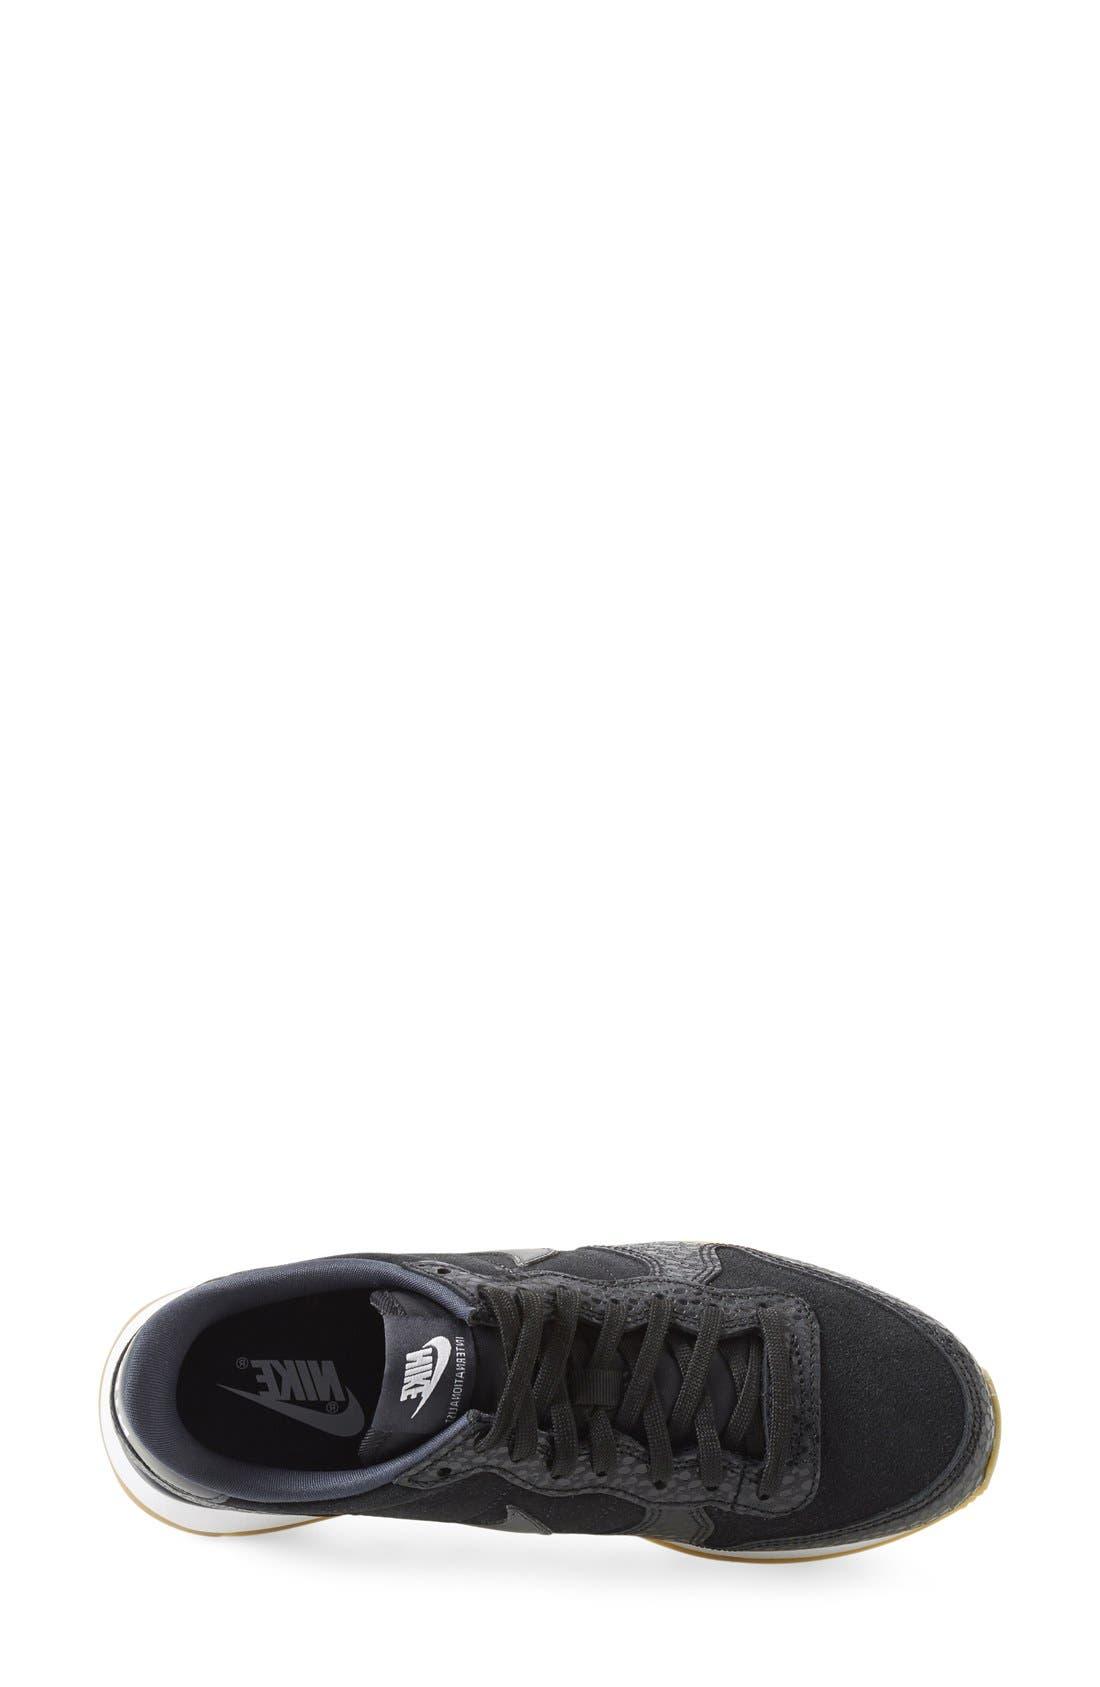 Alternate Image 3  - Nike 'Internationalist' Sneaker (Women)